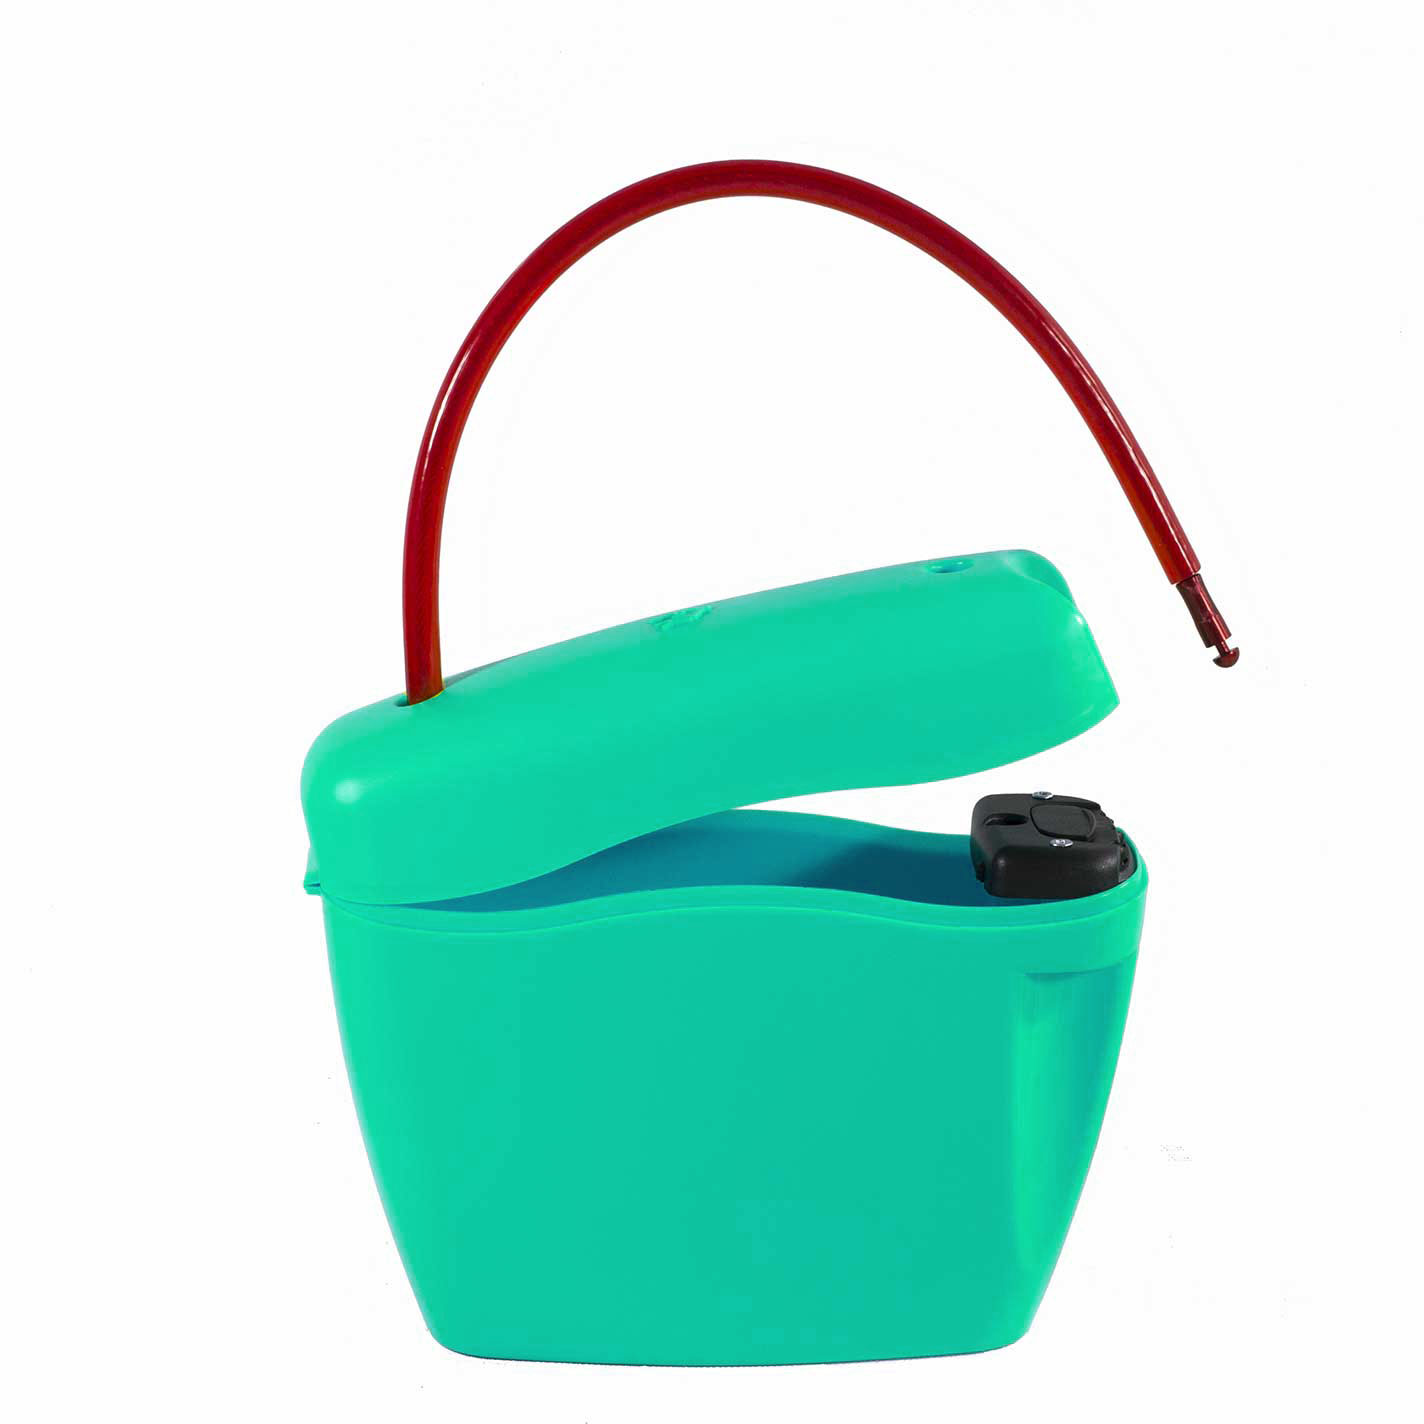 Borsa lucchetto -Colore Acquamarina - Contro furti in spiaggia,piscina